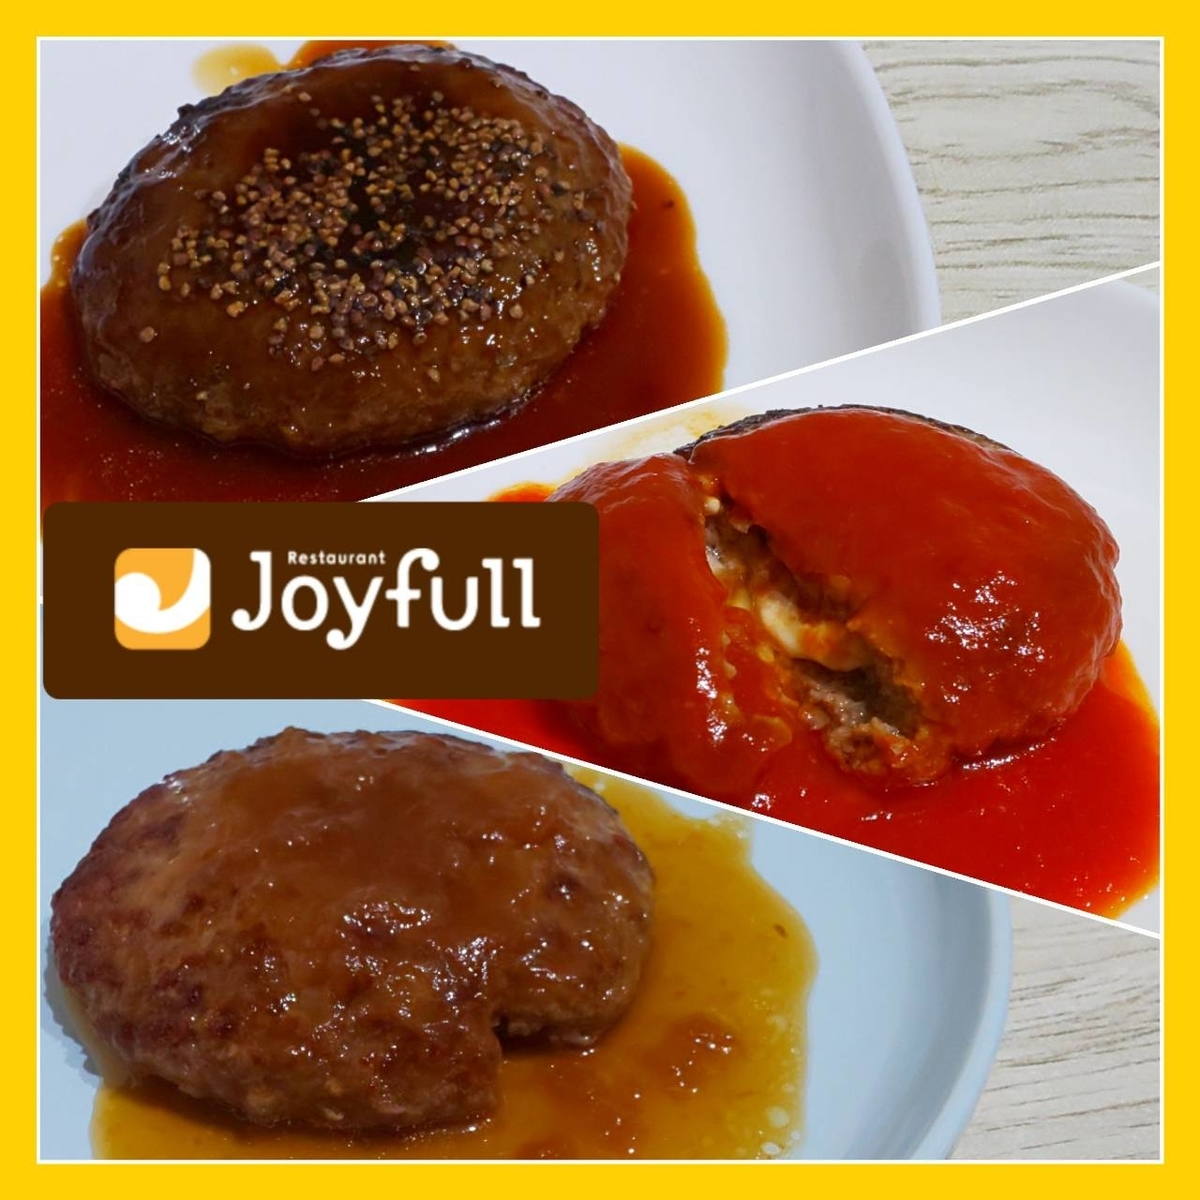 ジョイフルの冷凍ハンバーグ 「Jハンバーグ」ディスカウントドラッグ コスモス 口コミ レビュー